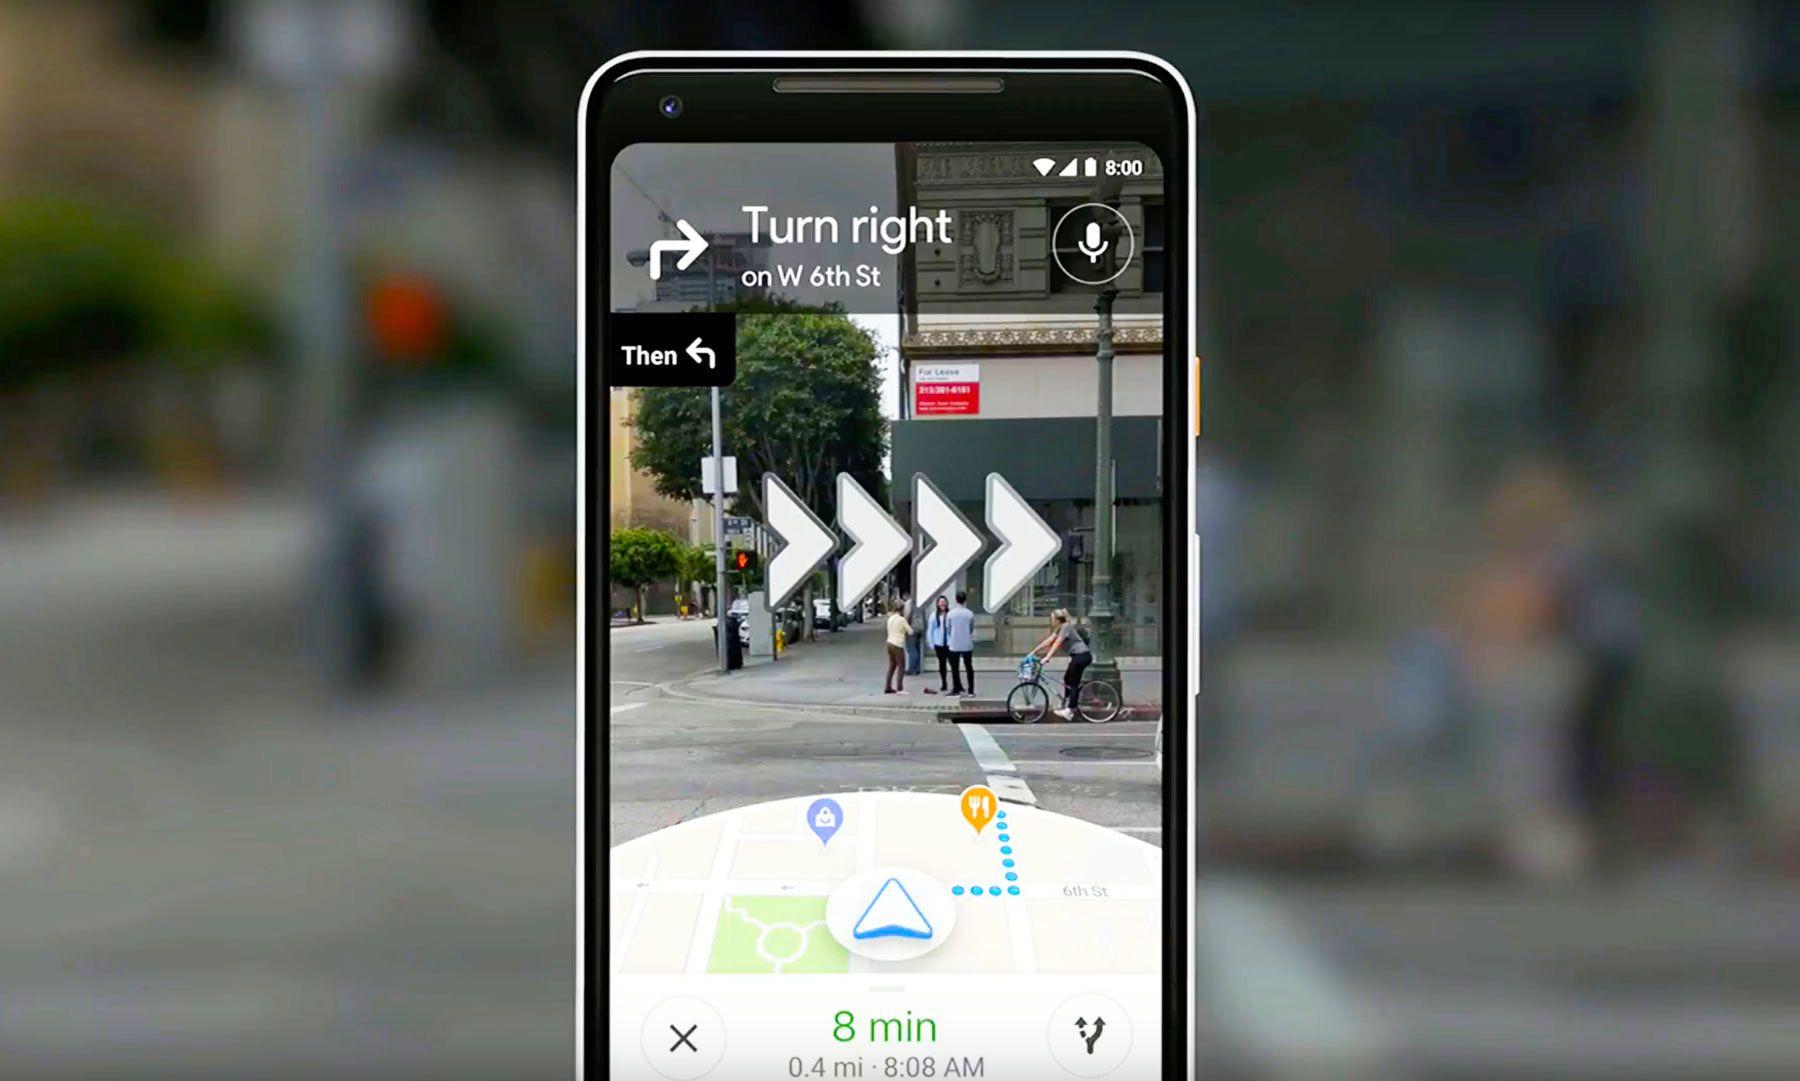 Google shows off its cameraenabled navigation system